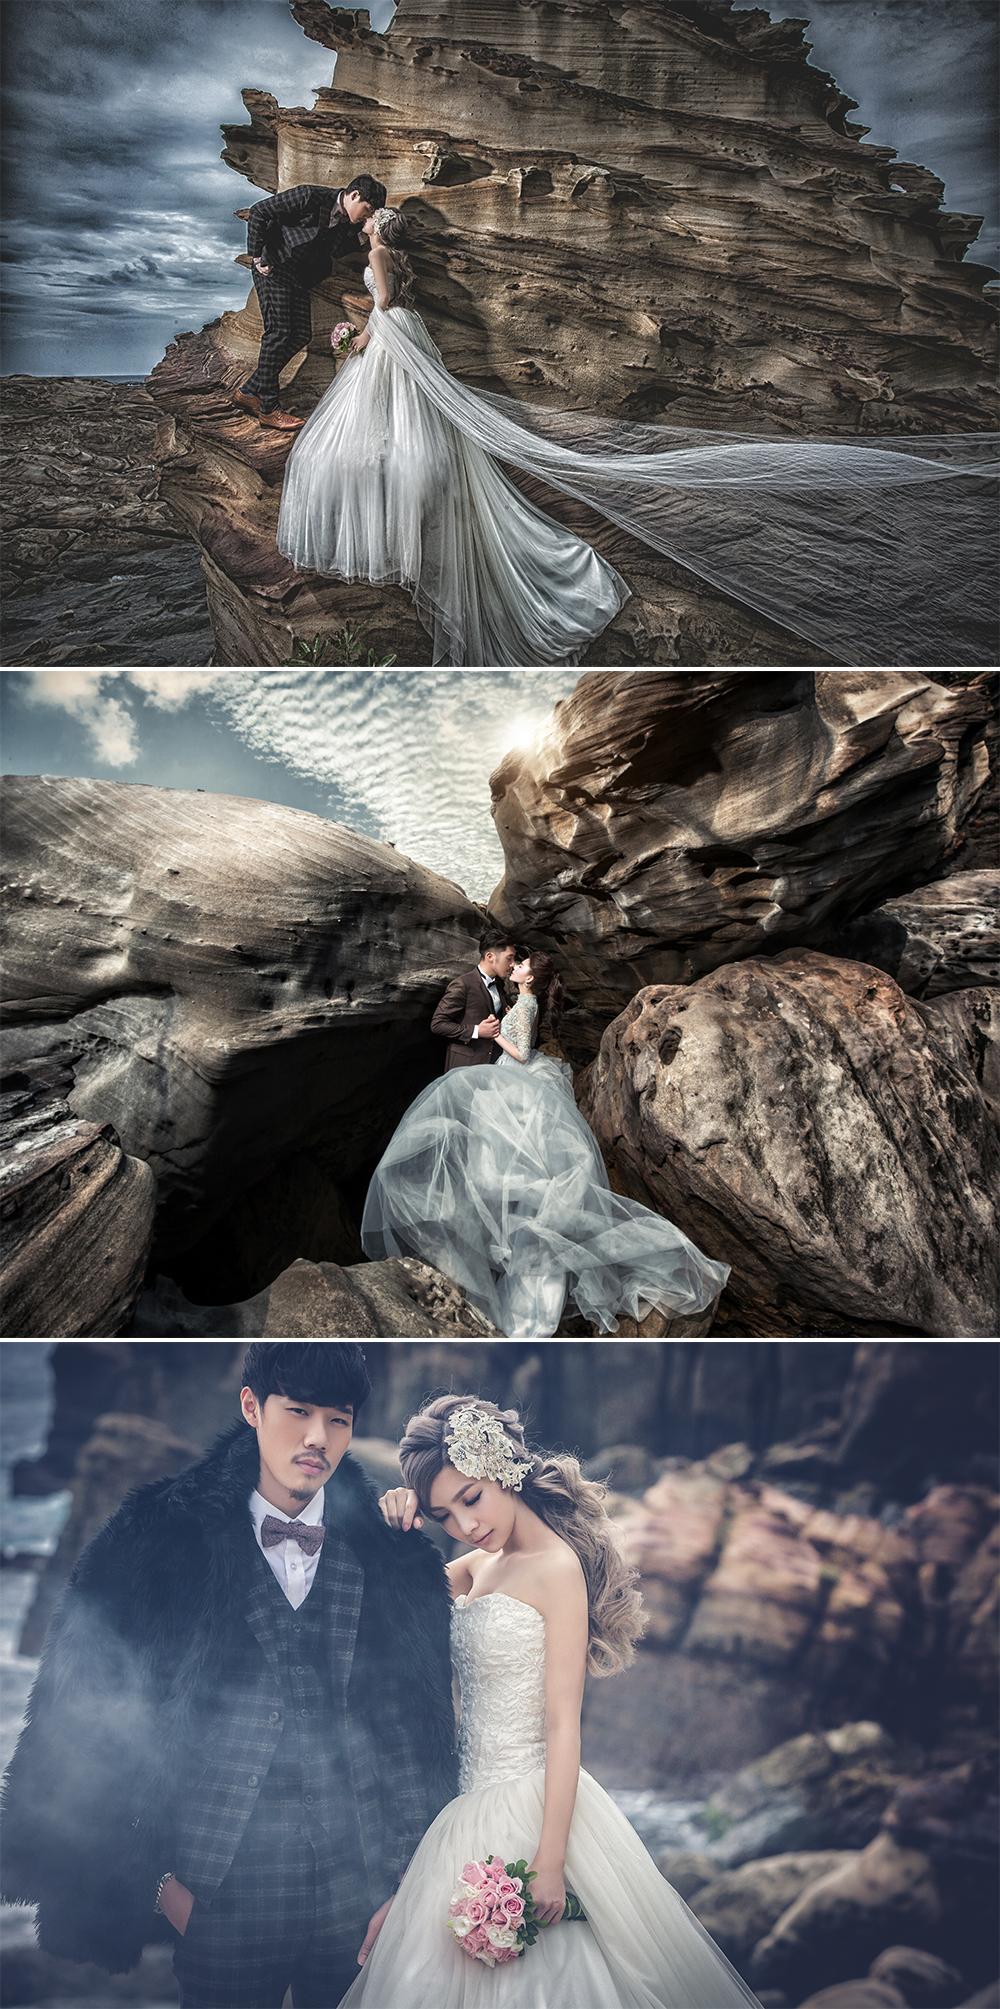 台灣婚紗照外拍景點 - 九份南雅奇岩